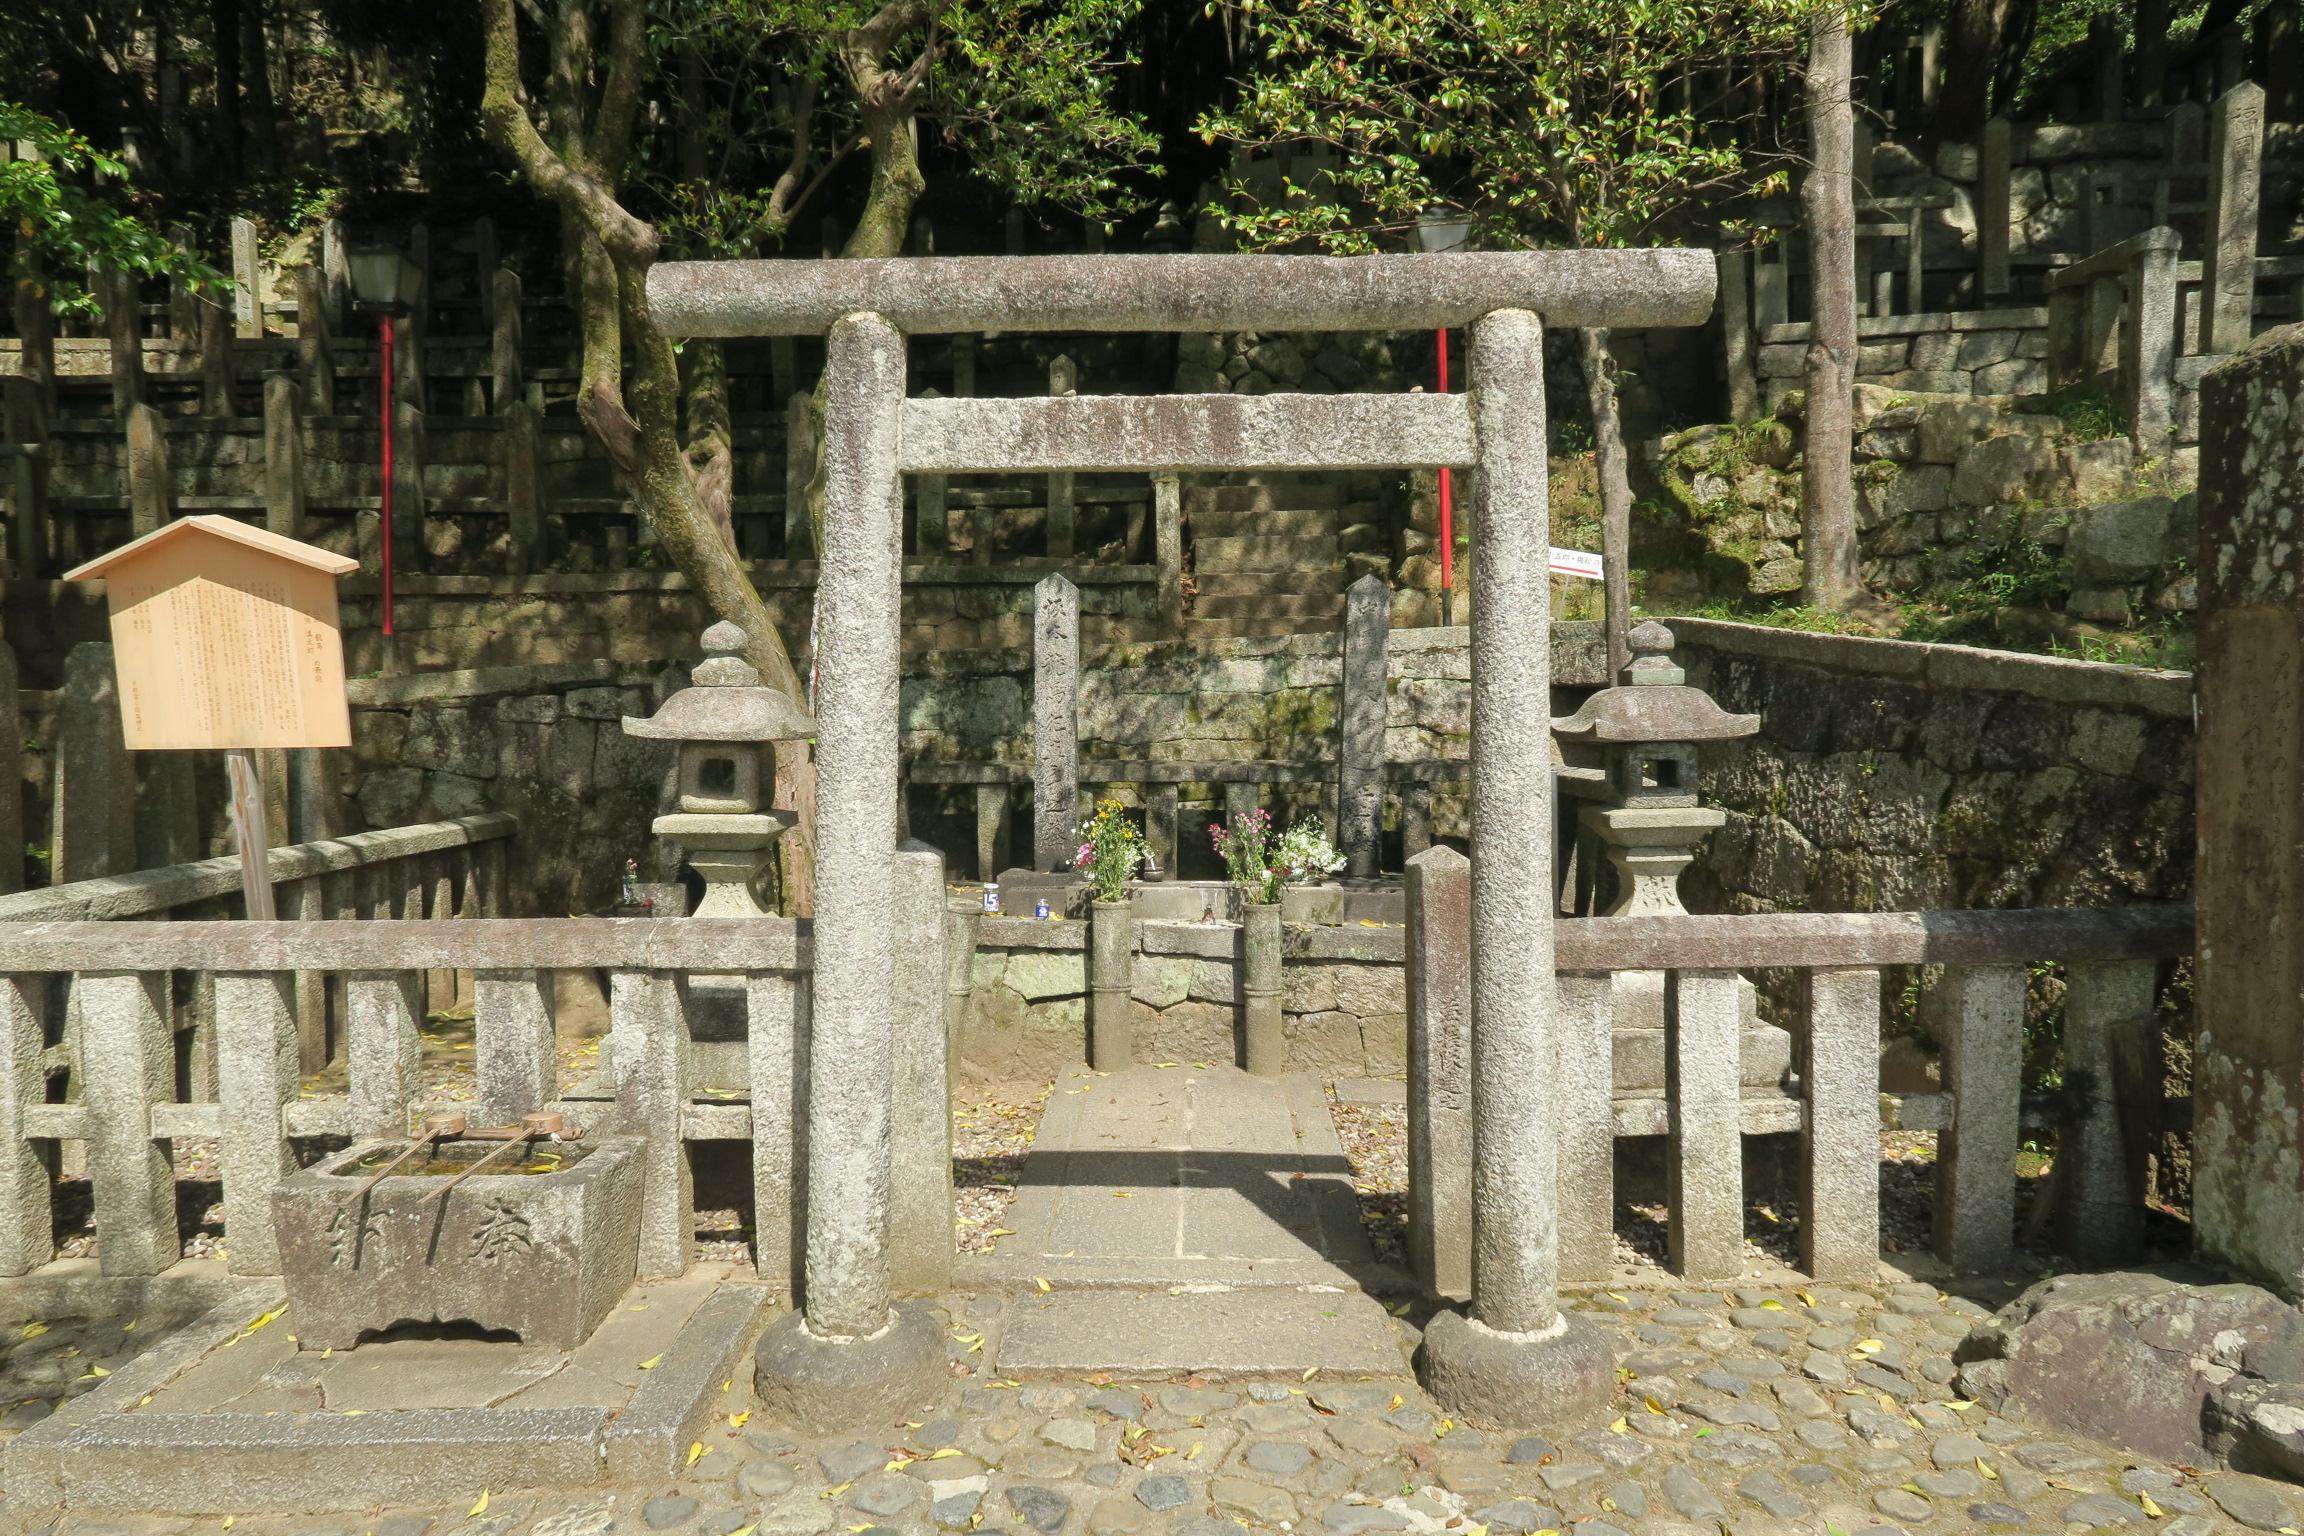 坂本龍馬、中岡慎太郎のお墓。墓前にて手を合わせてきました。